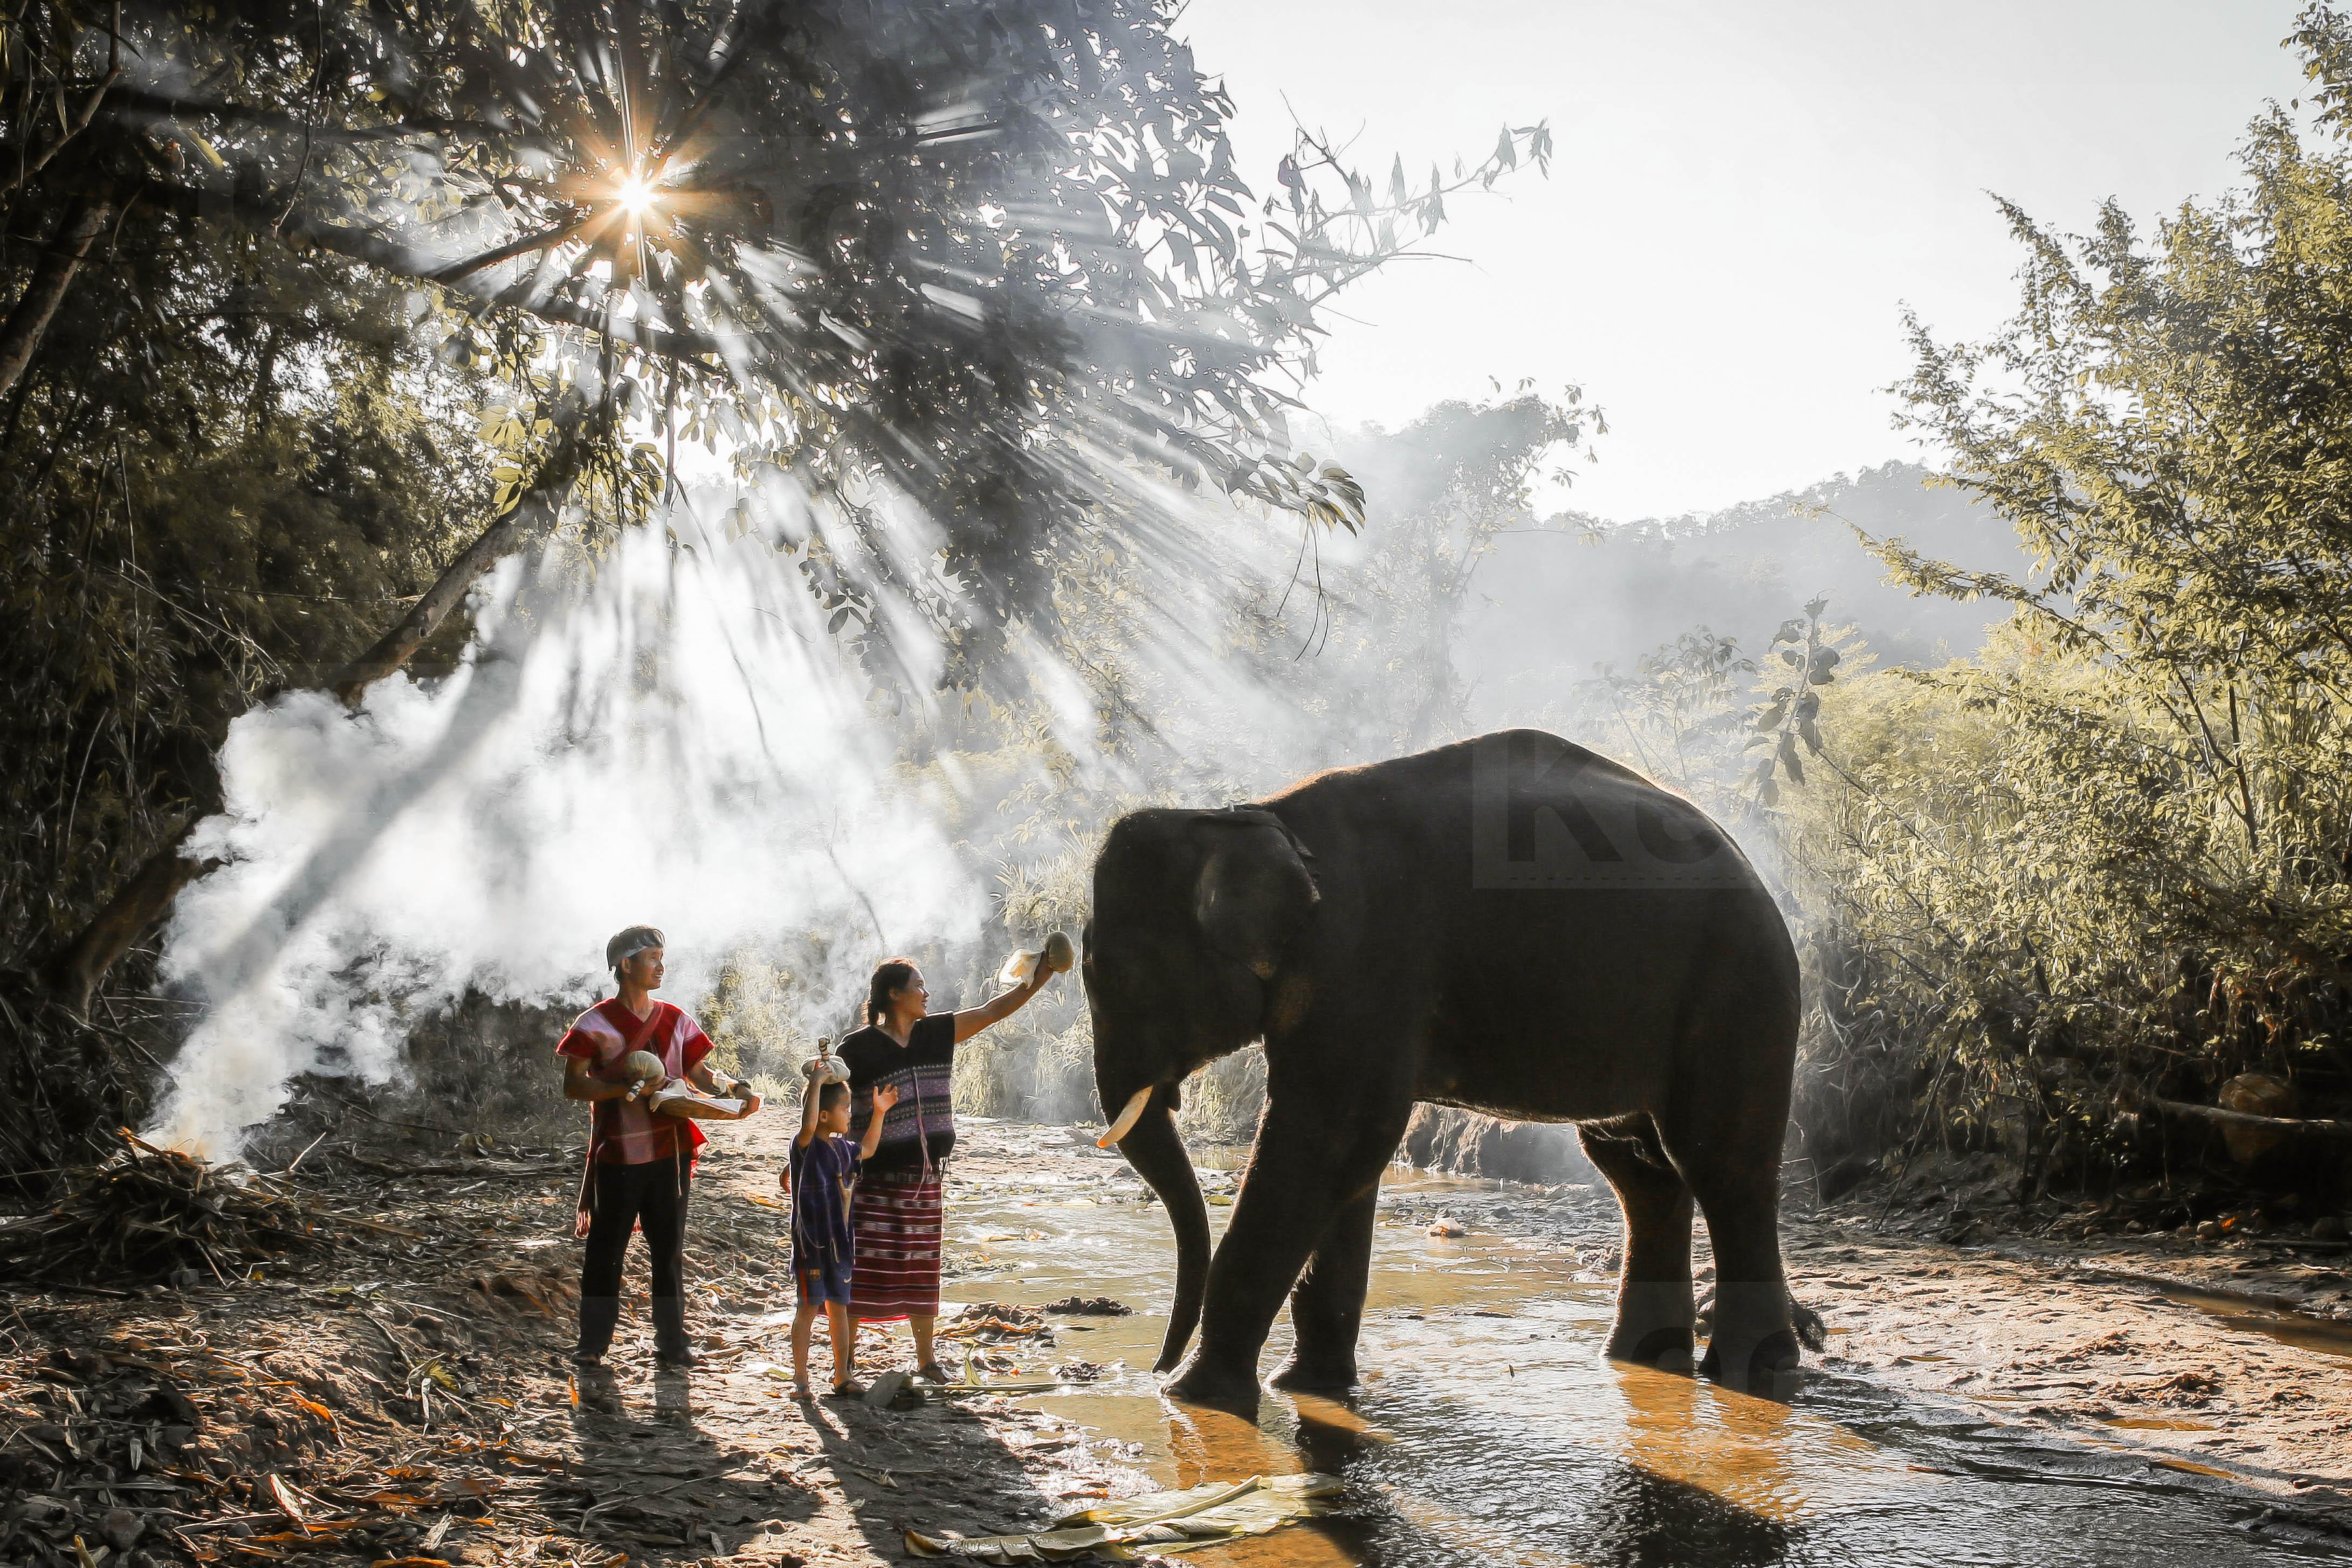 清邁 Kerchor 大象營一日遊(大象生態保護營照顧大象 半日/一日可選)